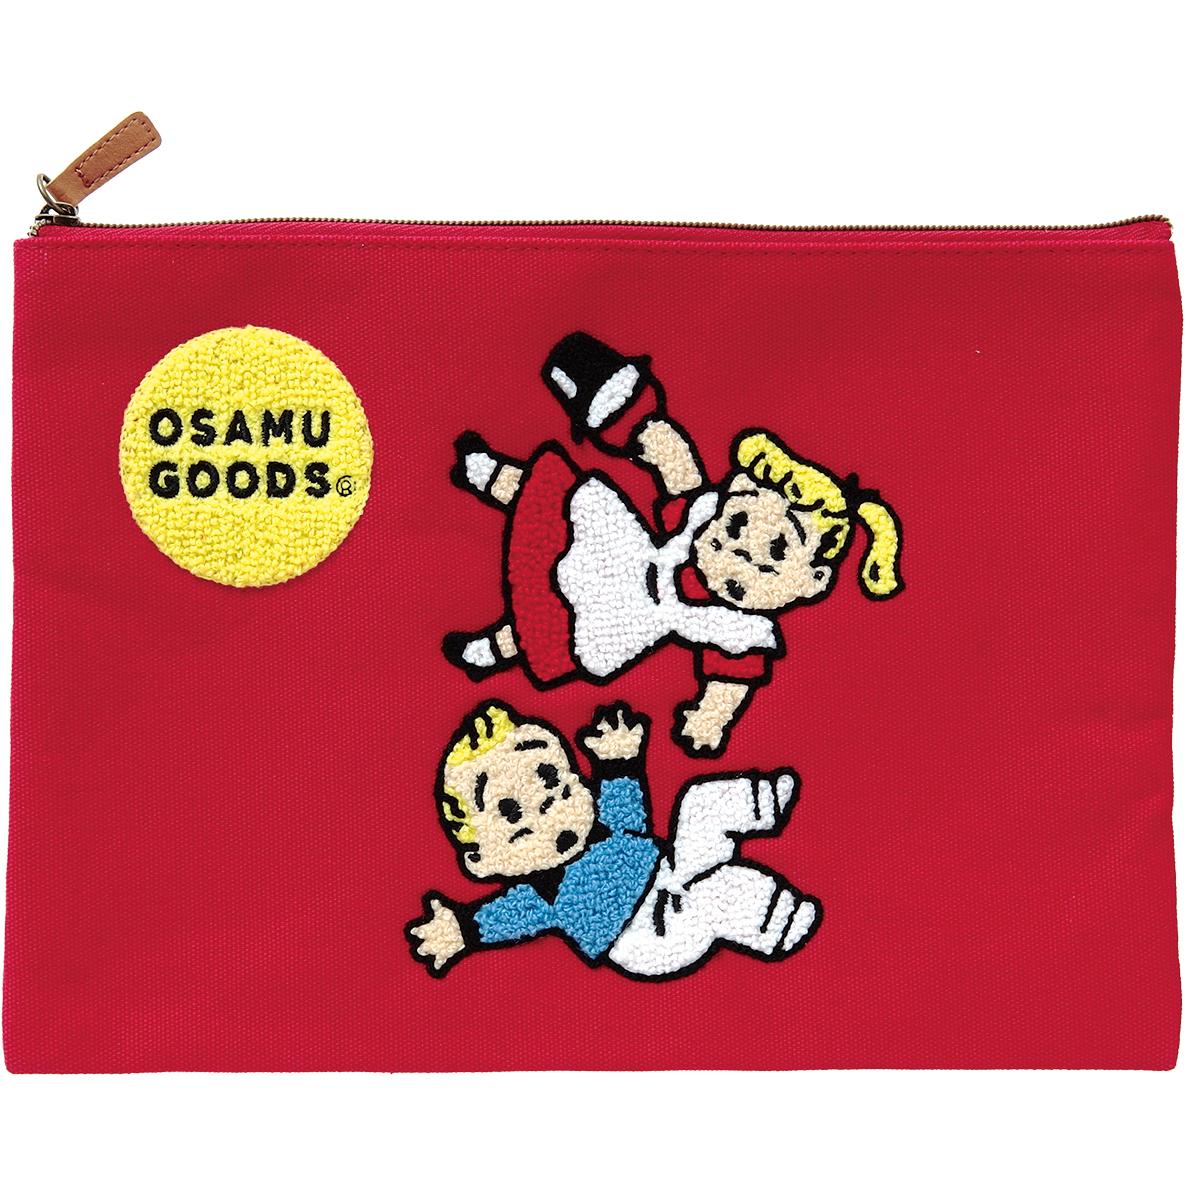 OSAMU GOODS オサムグッズ<br>サガラ刺繍フラットポーチ(レッド)